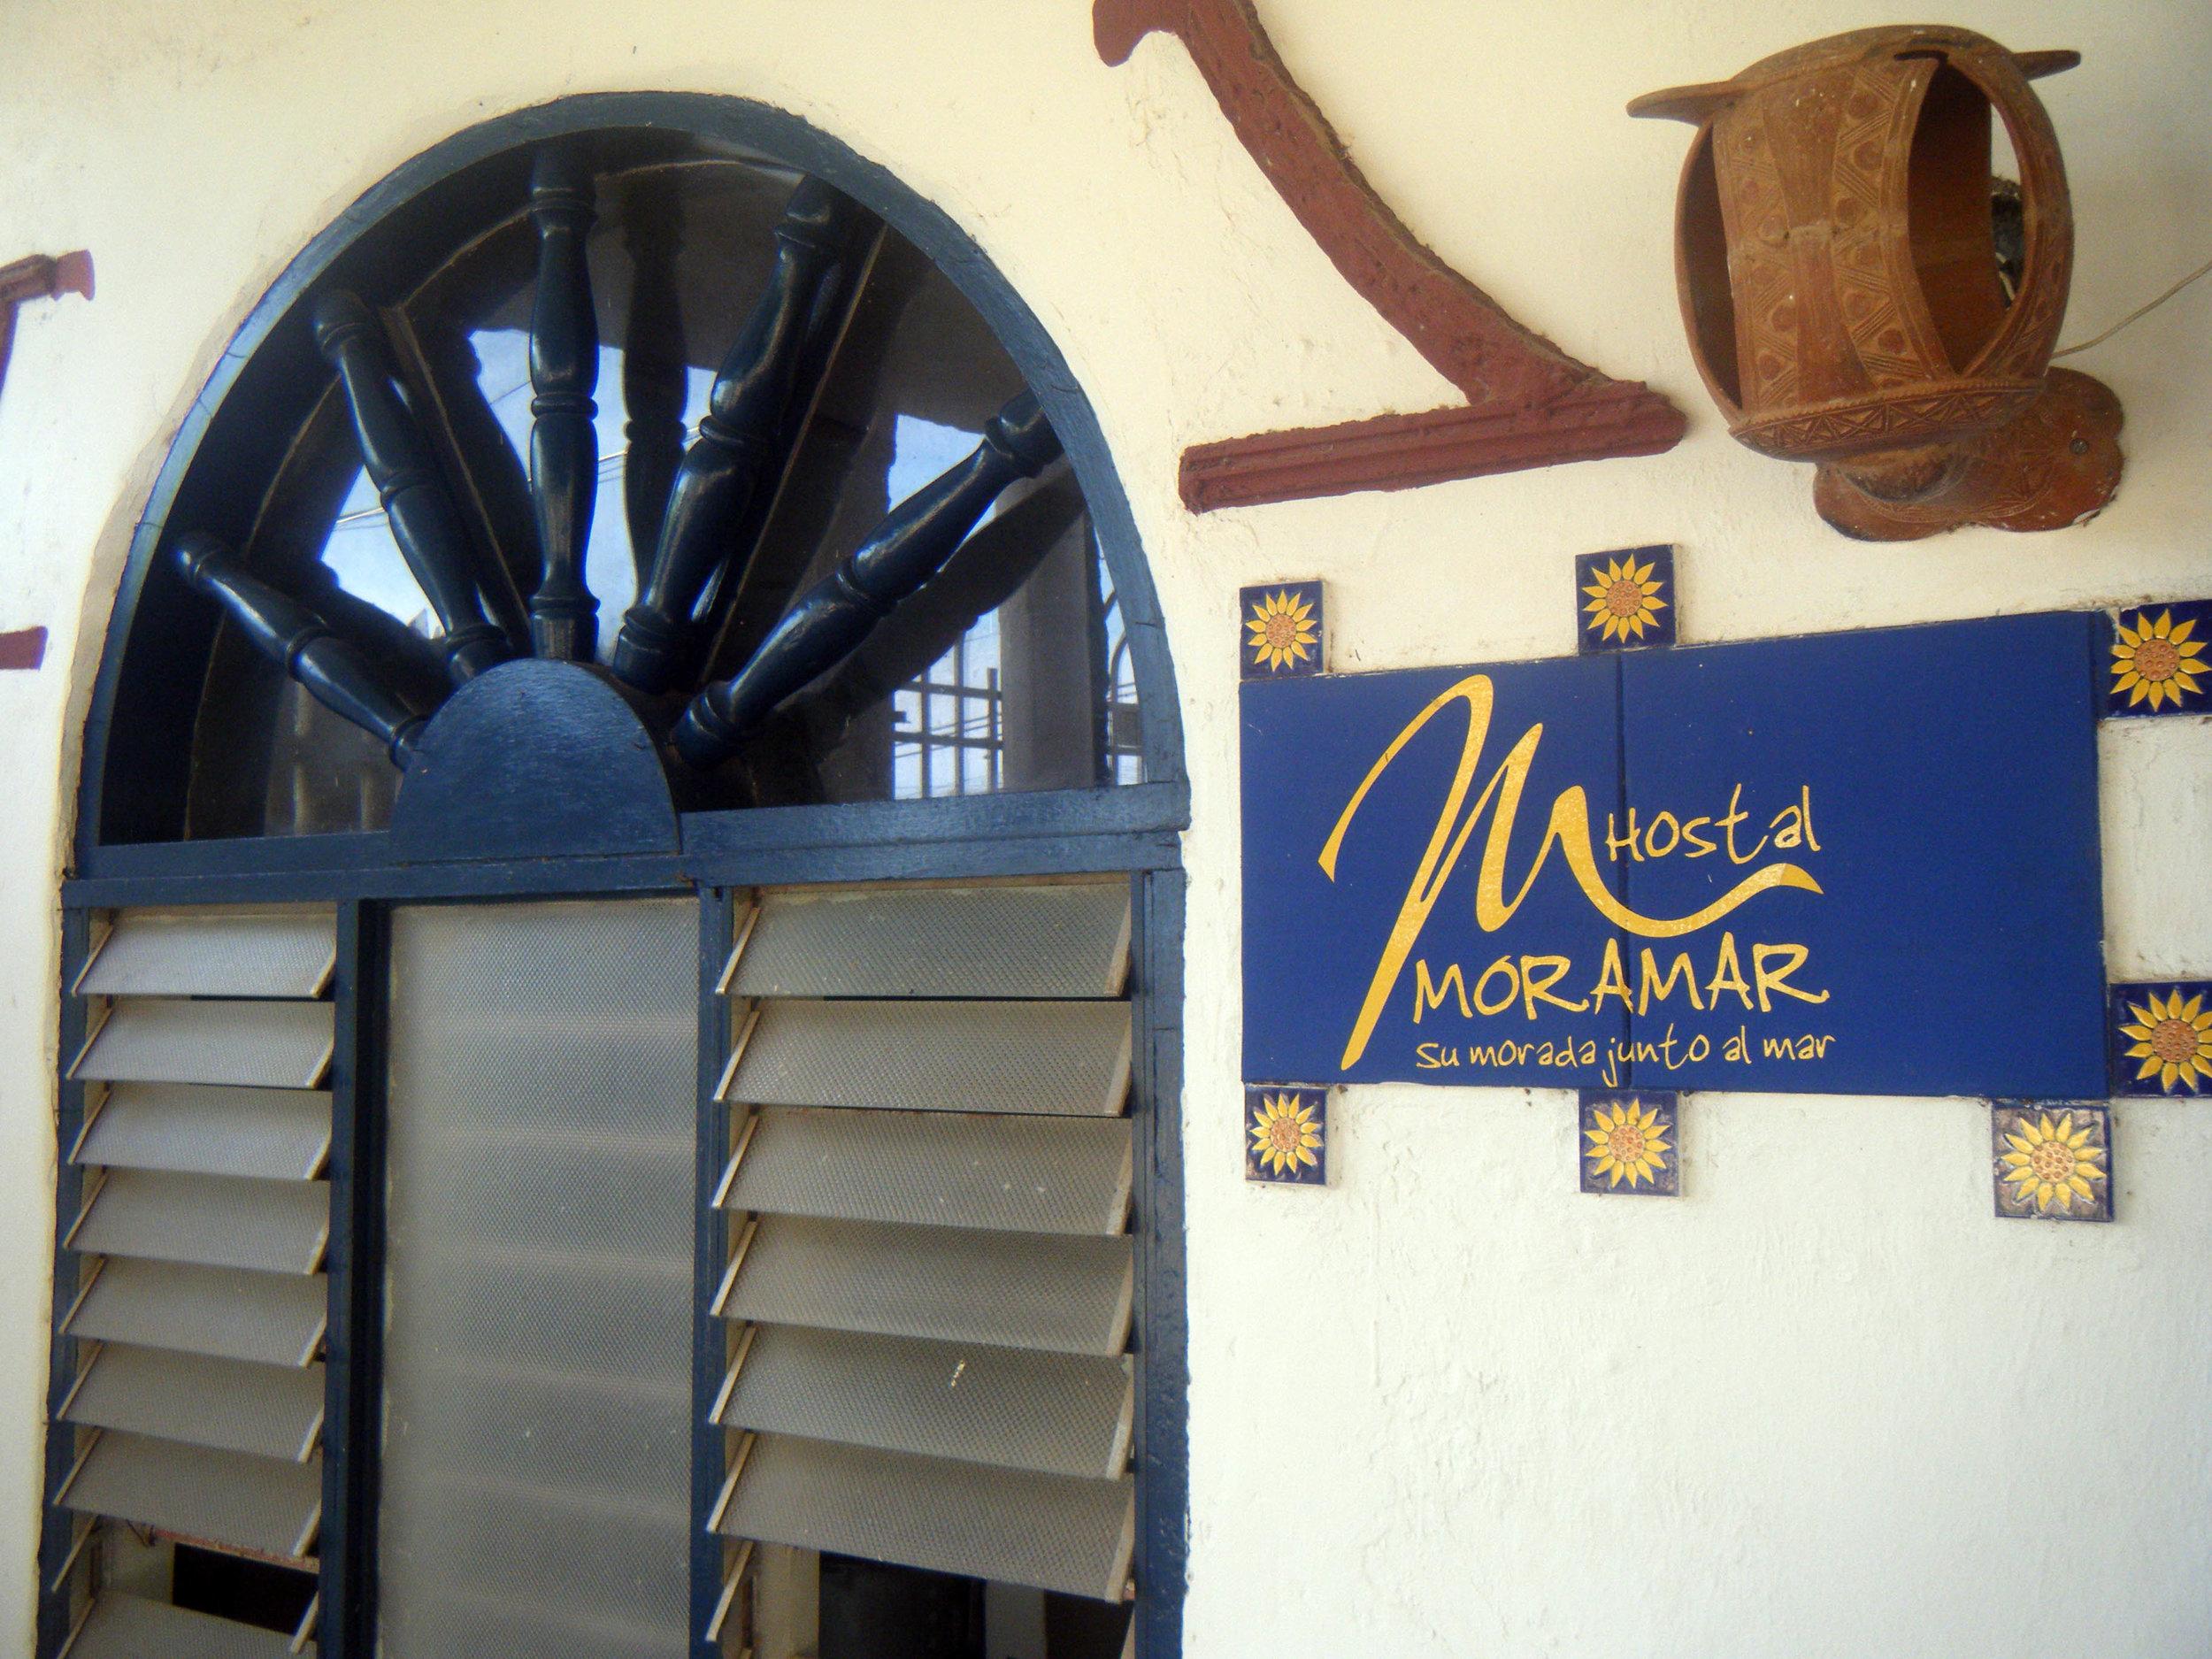 Hotel Mora Mar.jpg